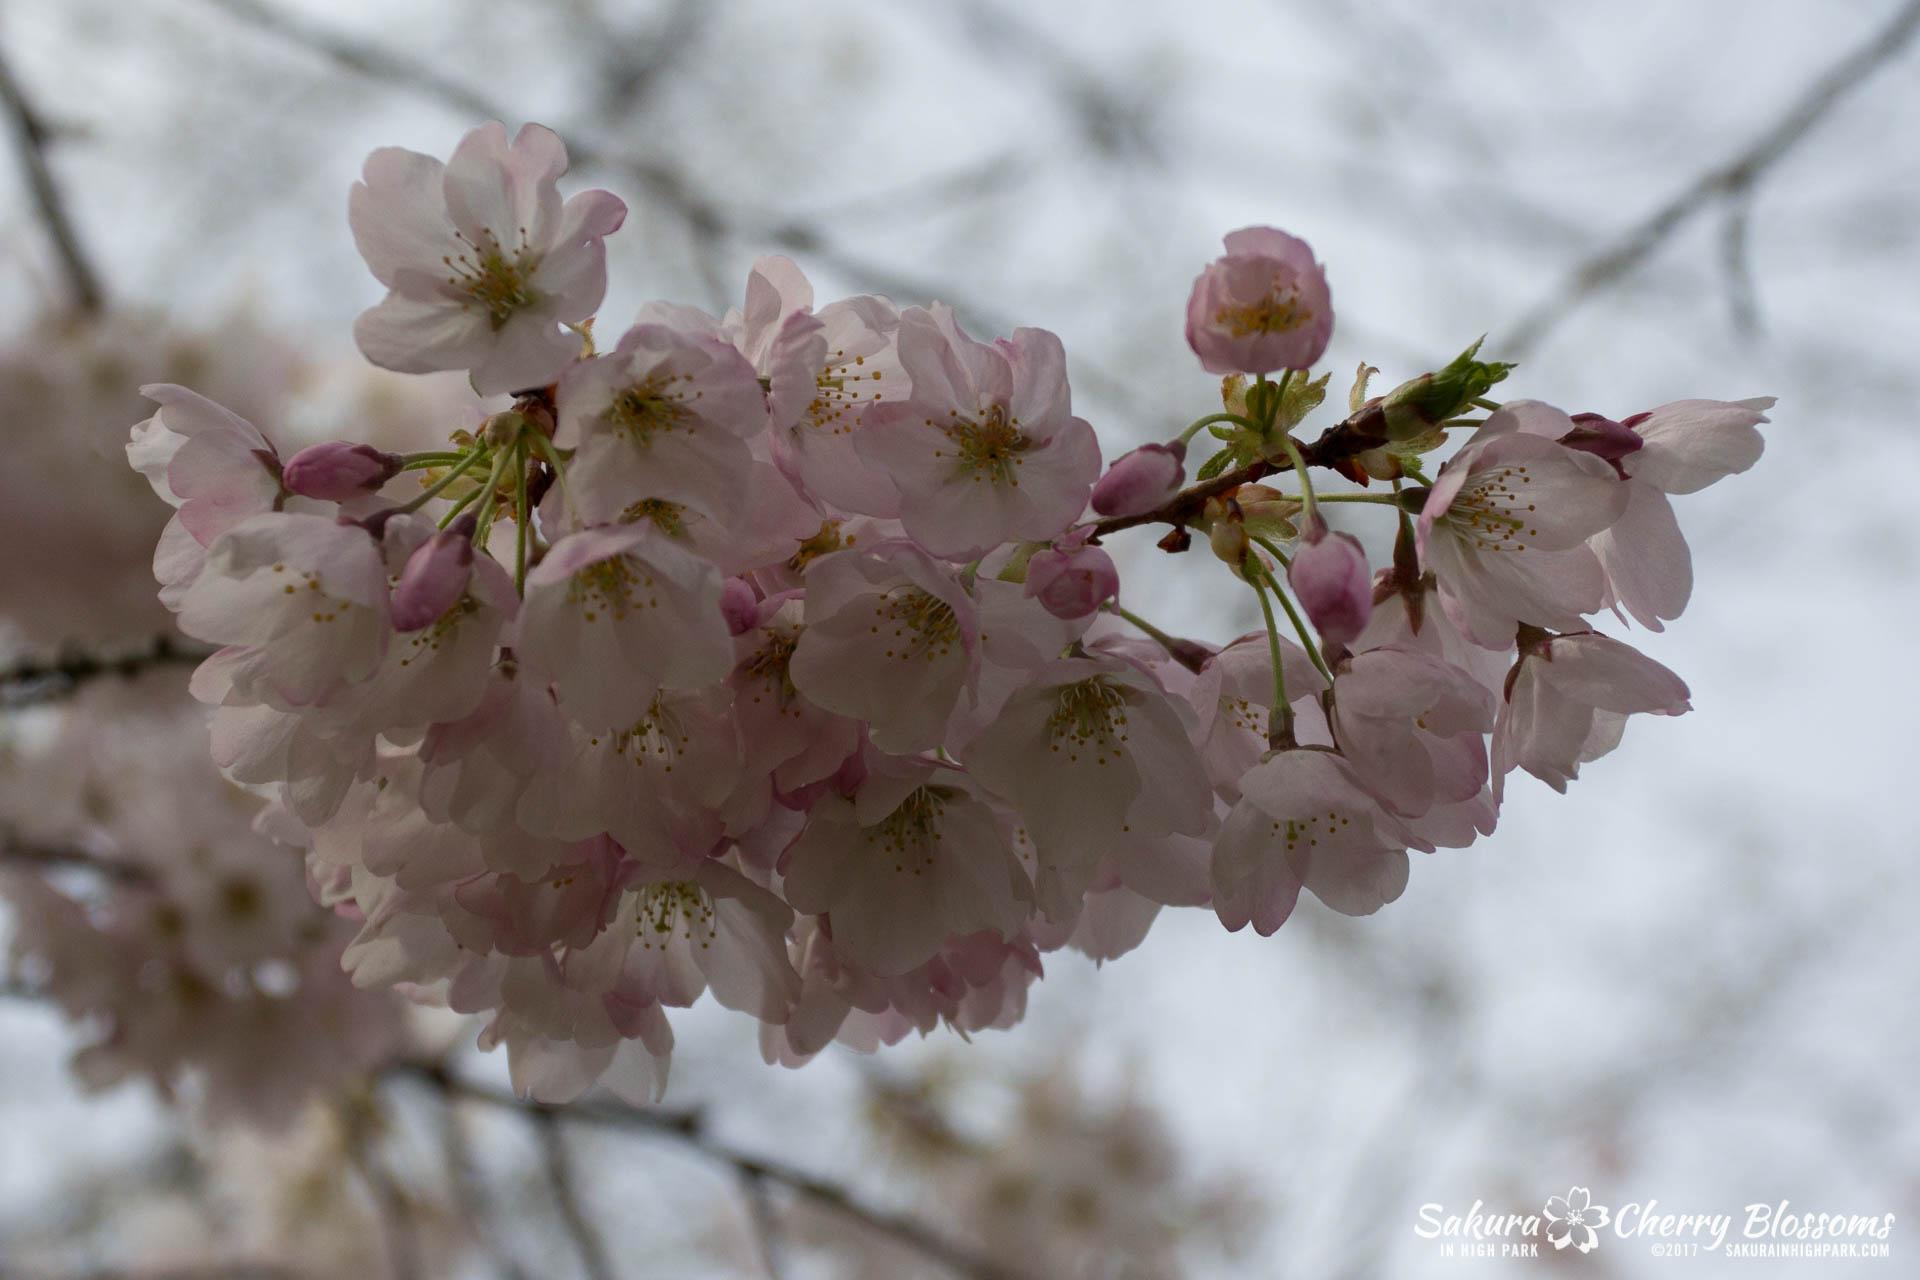 Sakura-Watch-April-28-2017-full-bloom-throughout-High-Park-5885.jpg